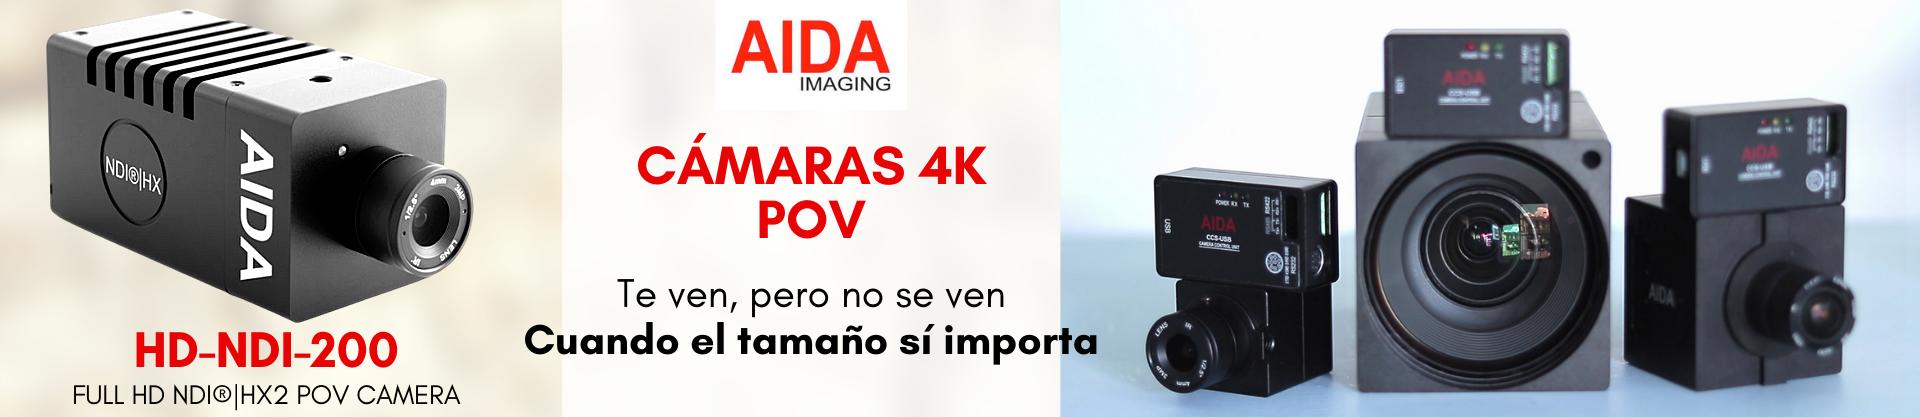 camaras-4K-POV-aida-imaging